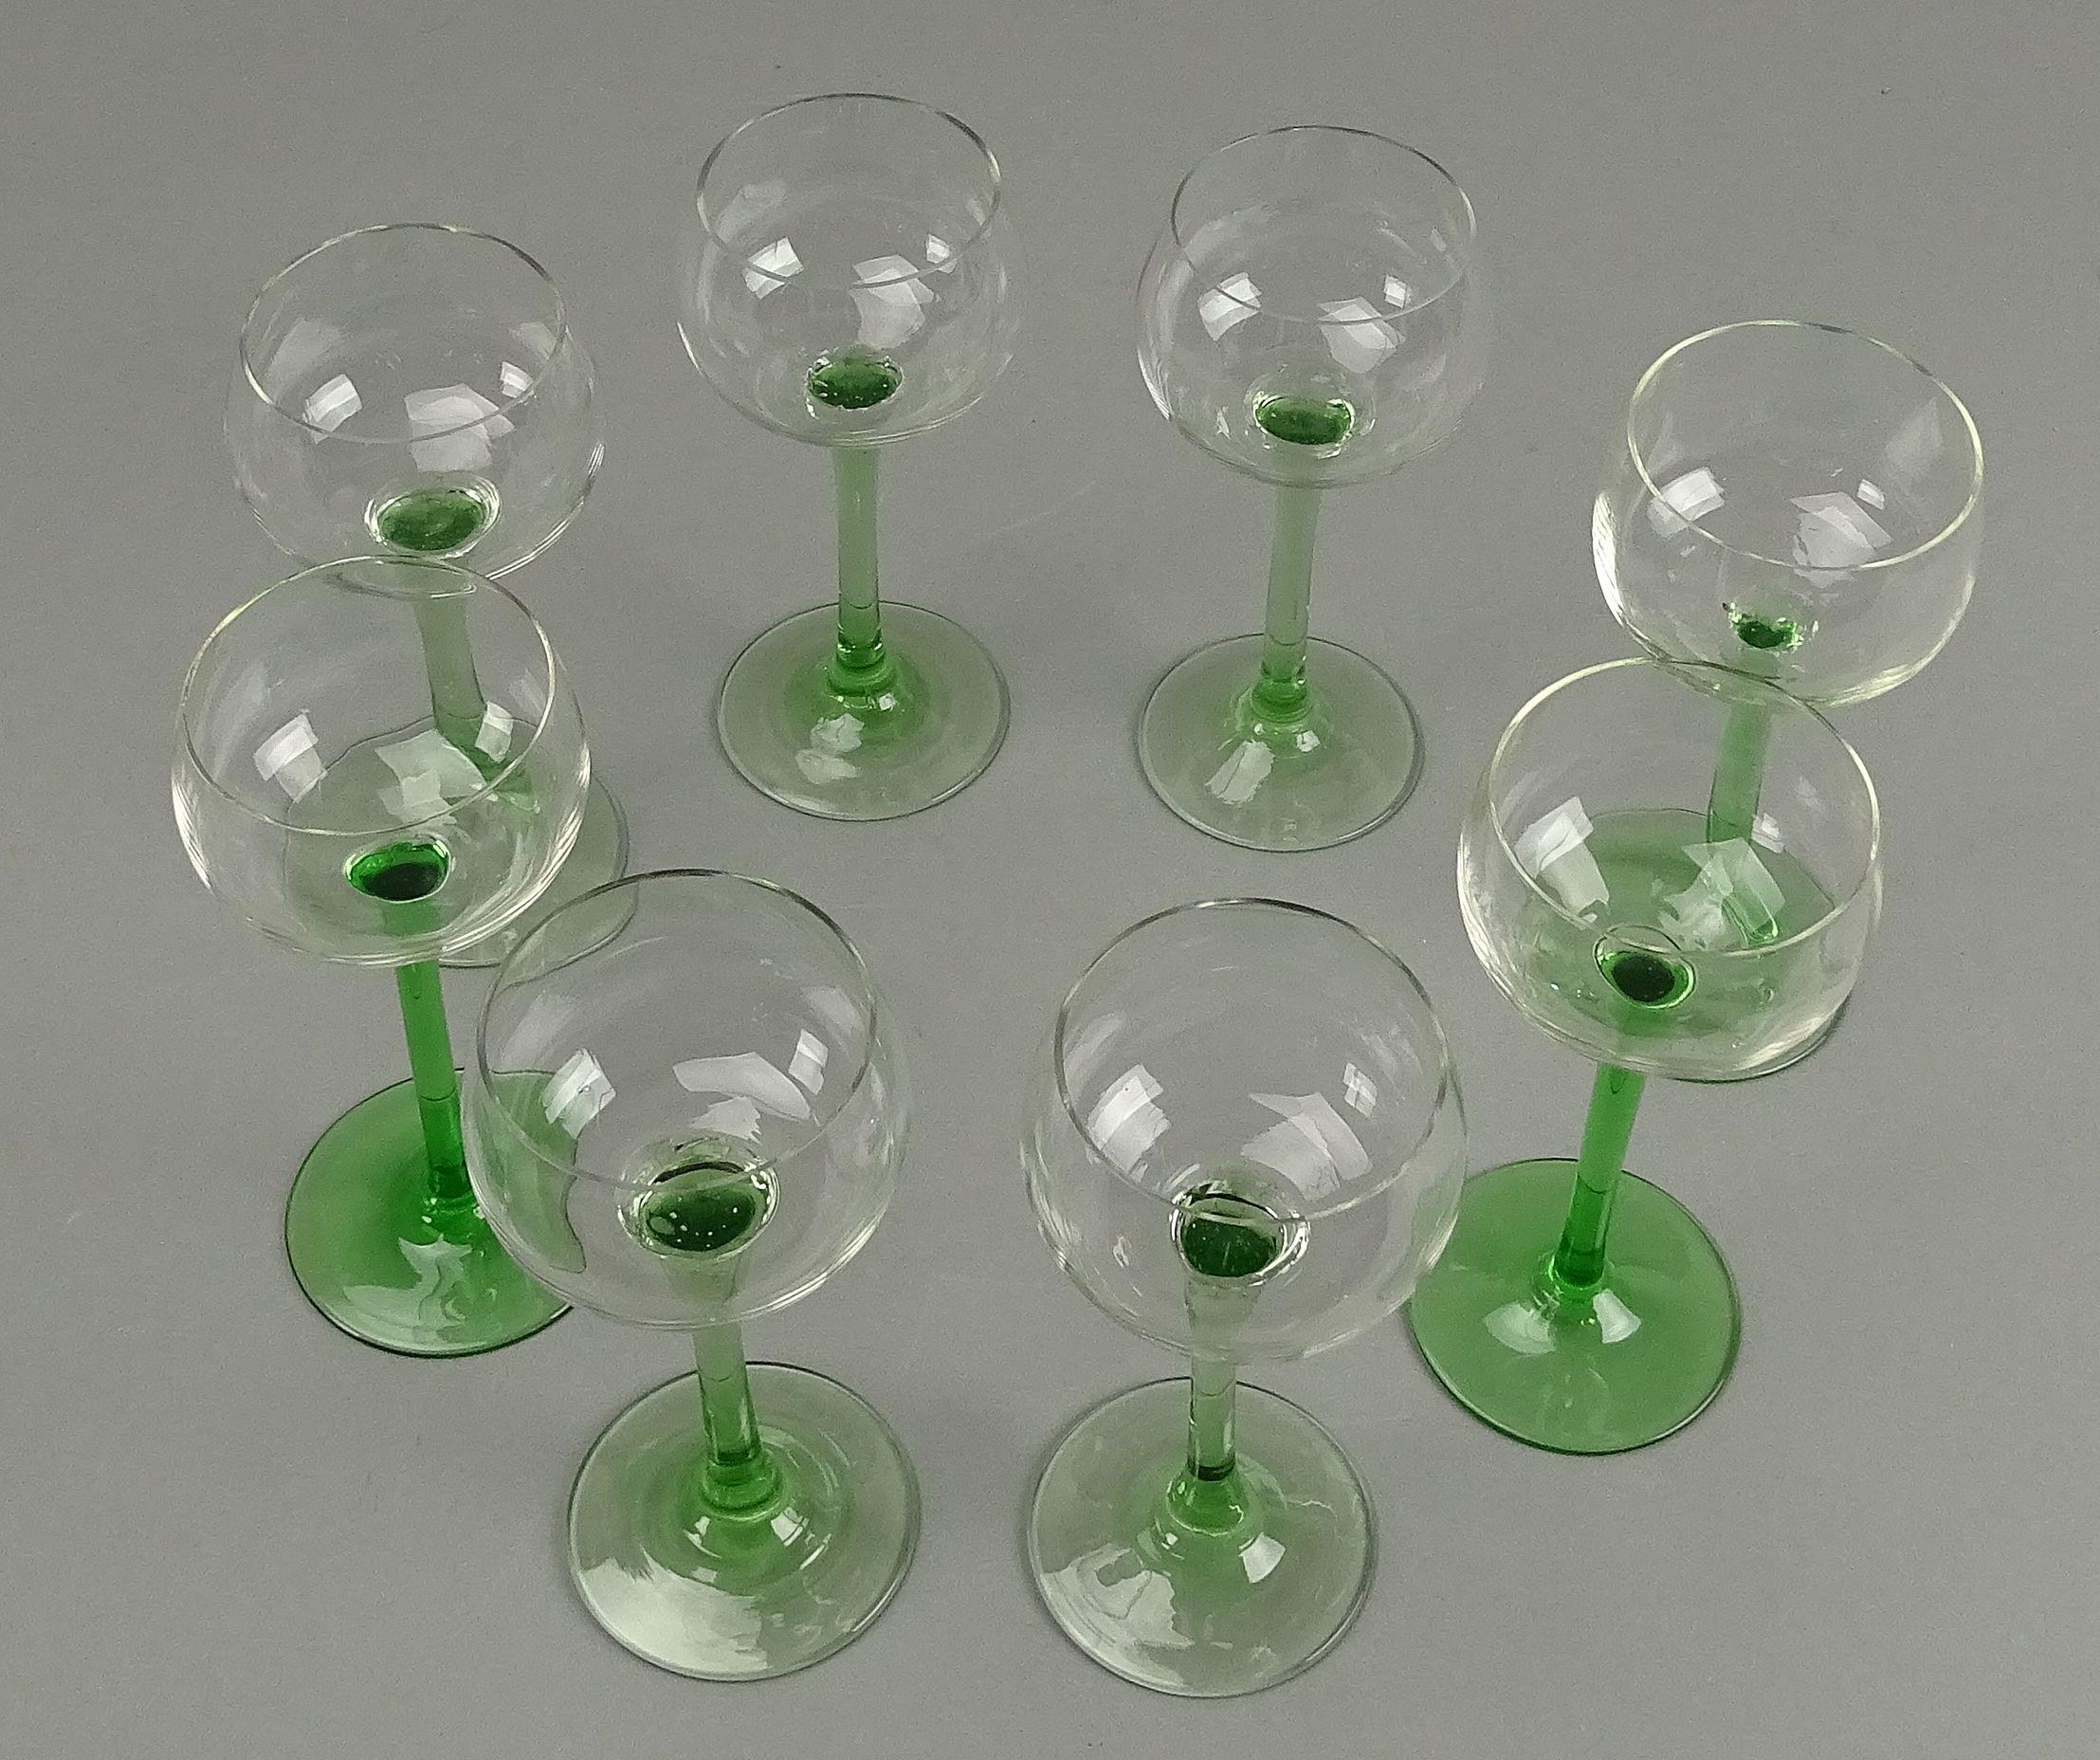 18,8 cm-mehrere.. 1 Weinglas Kristall geschliffen Jugendstil-Motiv H